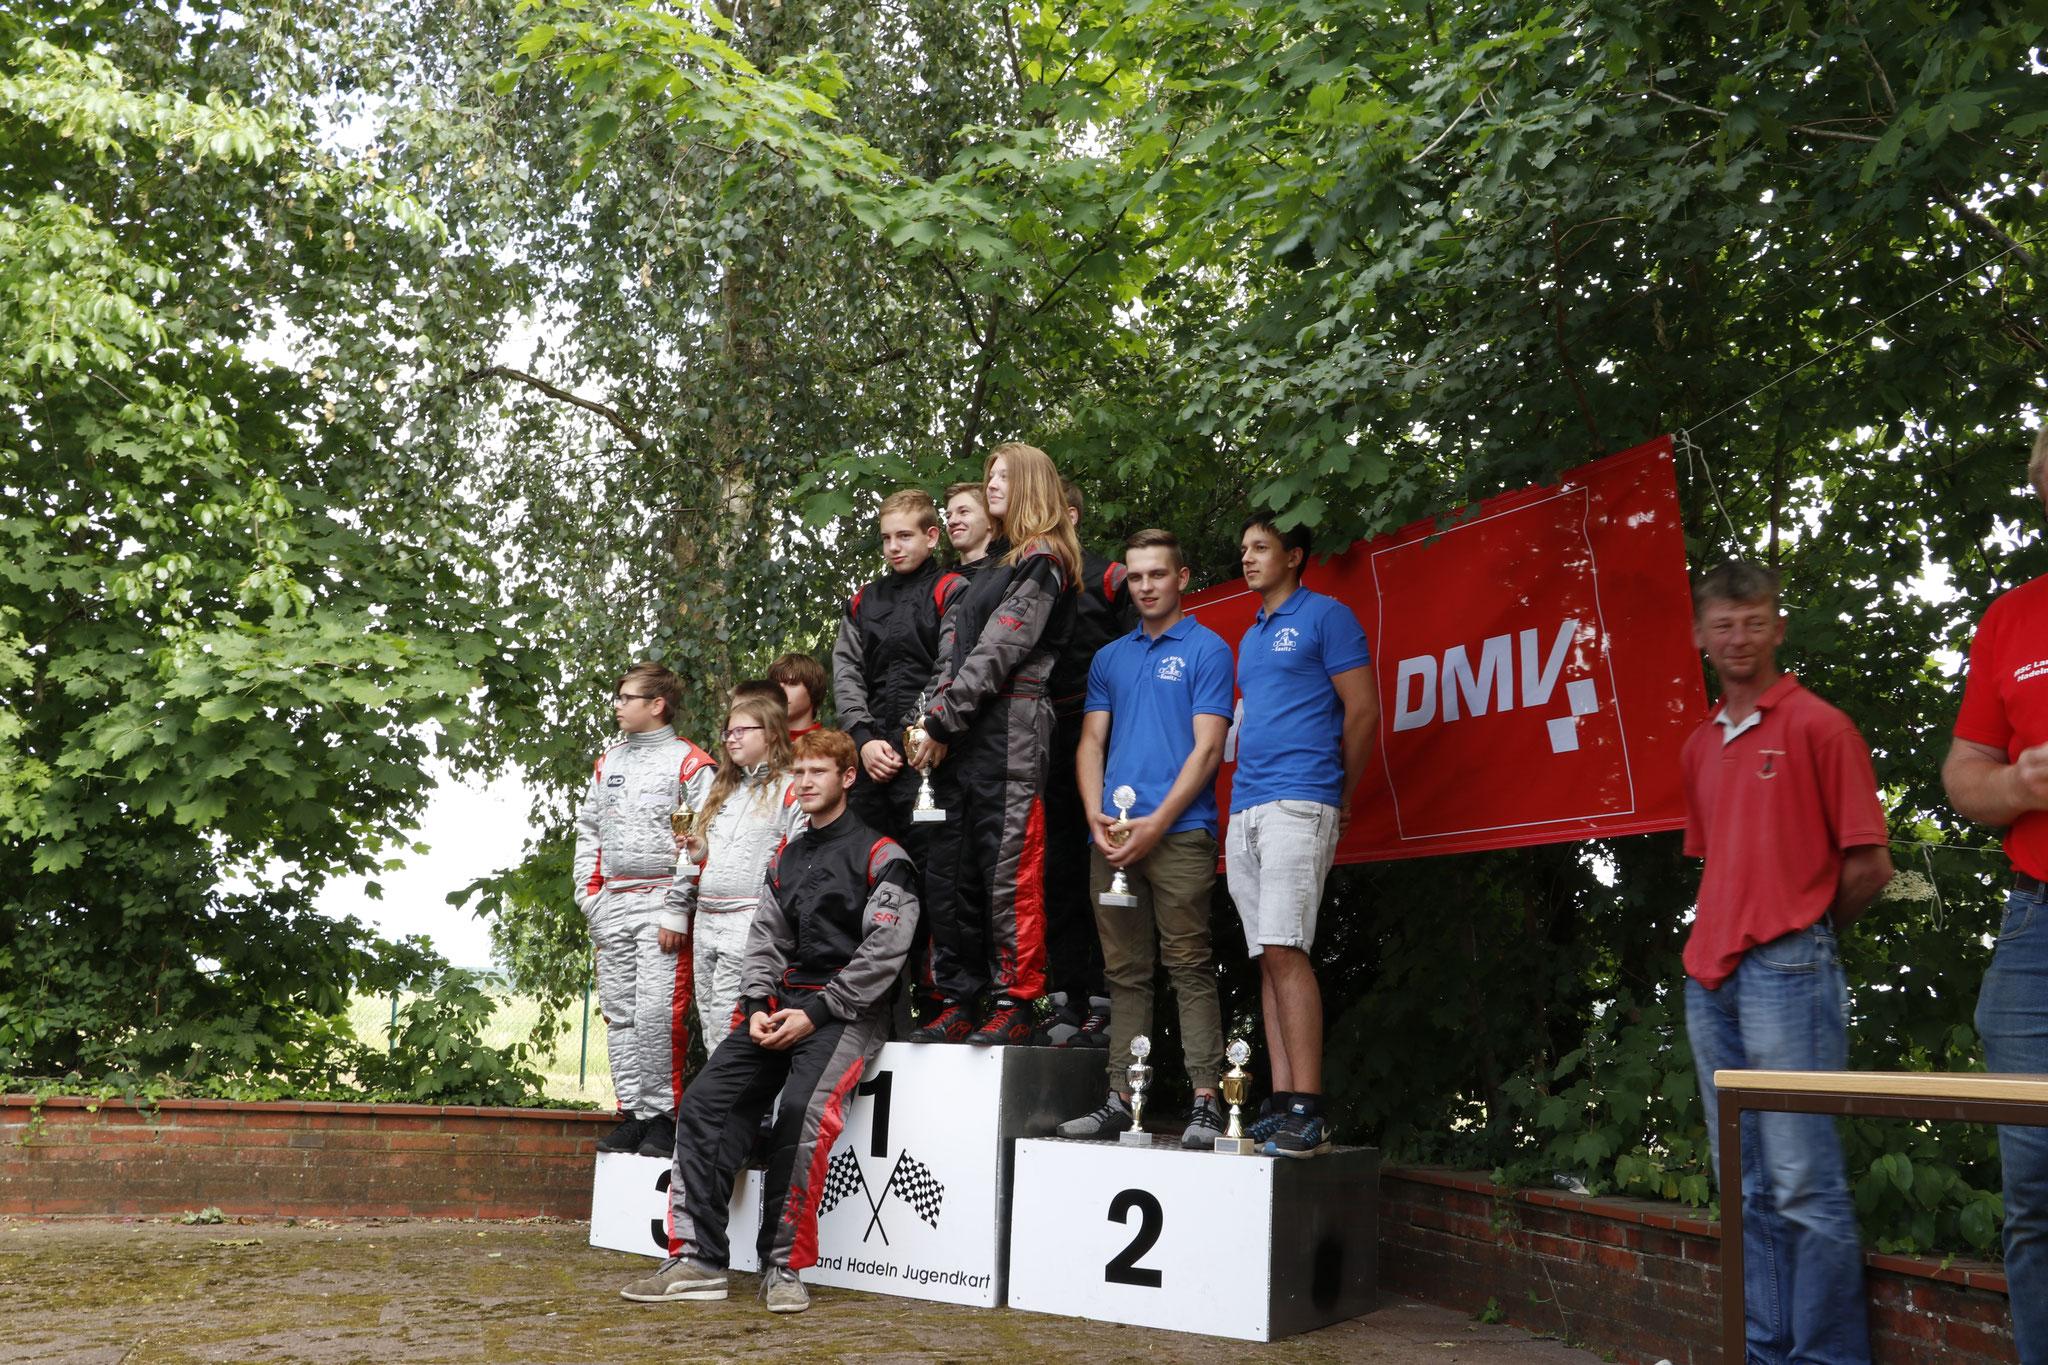 Die Mannschaft MSC Land Hadeln 1 belegte ebenfalls den ersten Platz